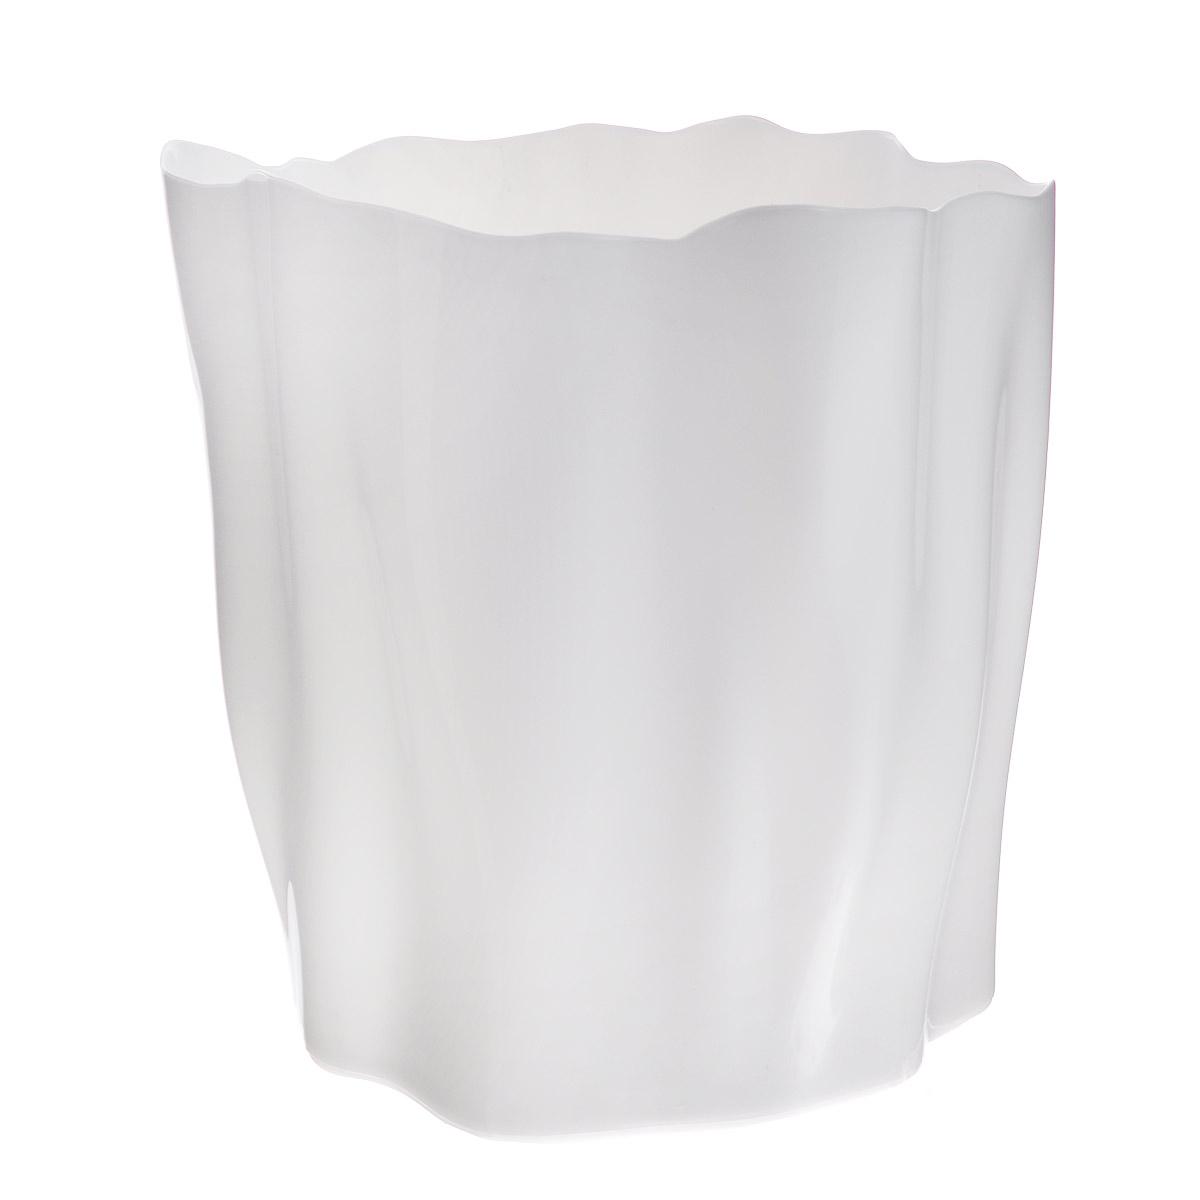 """Органайзер Qualy Flow, большой, цвет: белый, диаметр 27 смQL10141-WHОрганайзер Qualy """"Flow"""" может пригодиться на кухне, в ванной, в гостиной, на даче, на природе, в городе, в деревне. В него можно складывать фрукты, овощи, хлеб, кухонные приборы и аксессуары, всевозможные баночки, можно использовать органайзер как мусорную корзину, вазу. Все зависит от вашей фантазии и от хозяйственных потребностей! Пластиковый оригинальный органайзер пригодится везде!Диаметр: 27 см.Высота стенки: 28 см."""